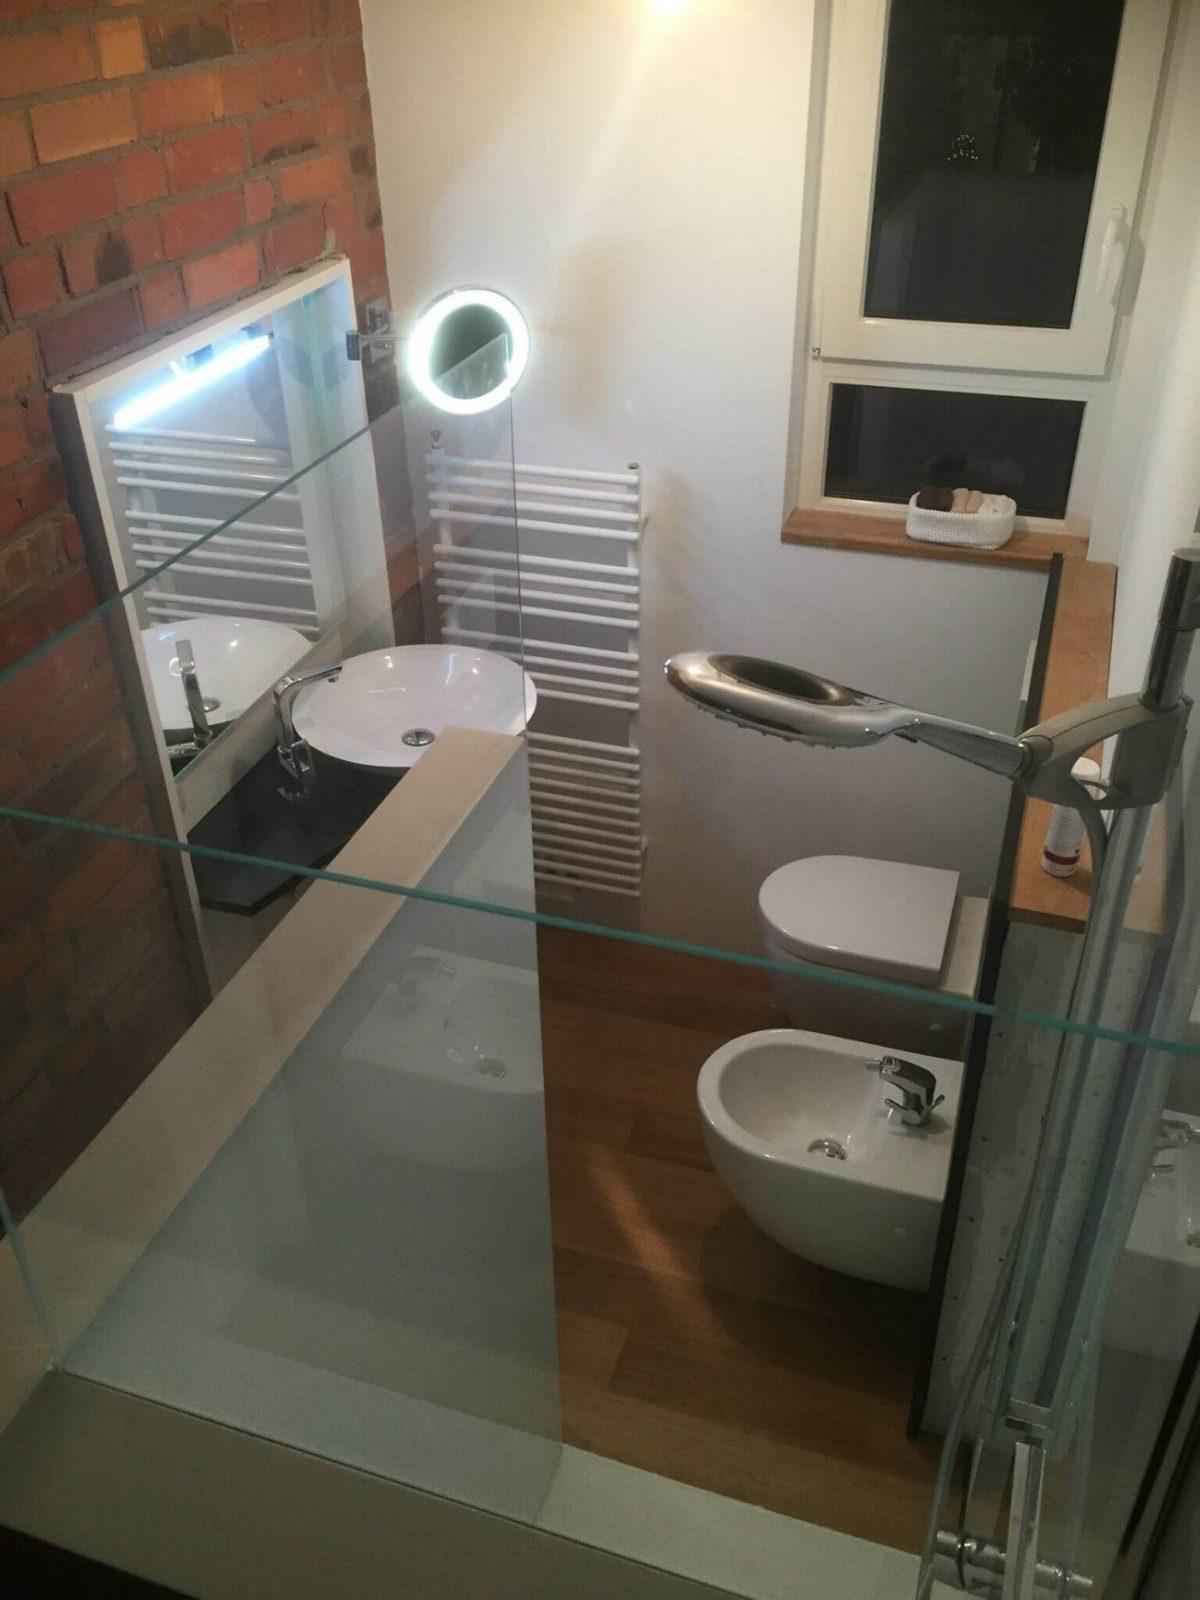 Glasduschrückwand Statt Fliesen In Der Dusche von Statt Fliesen Im Bad Photo